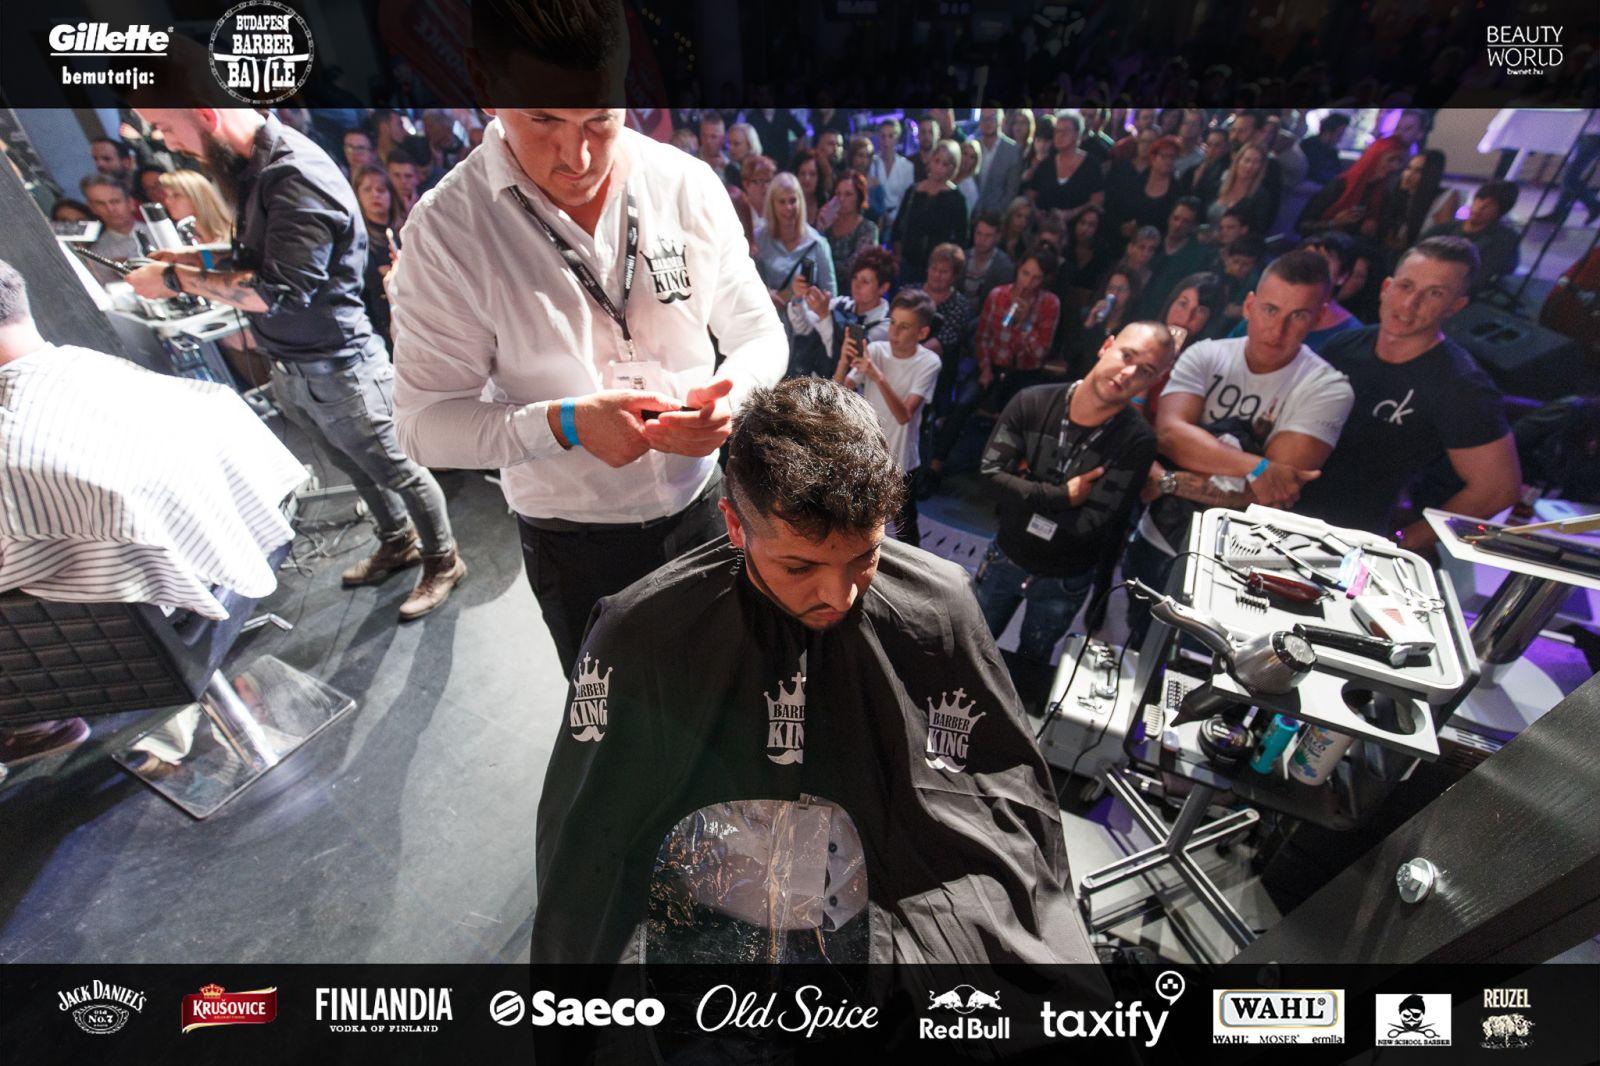 barber battle budapest 2018, bwnet, beauty world net, fodrász oktatás, fodrász verseny, online időpontfoglalás, magazin, beauty world magazin, tavasz,